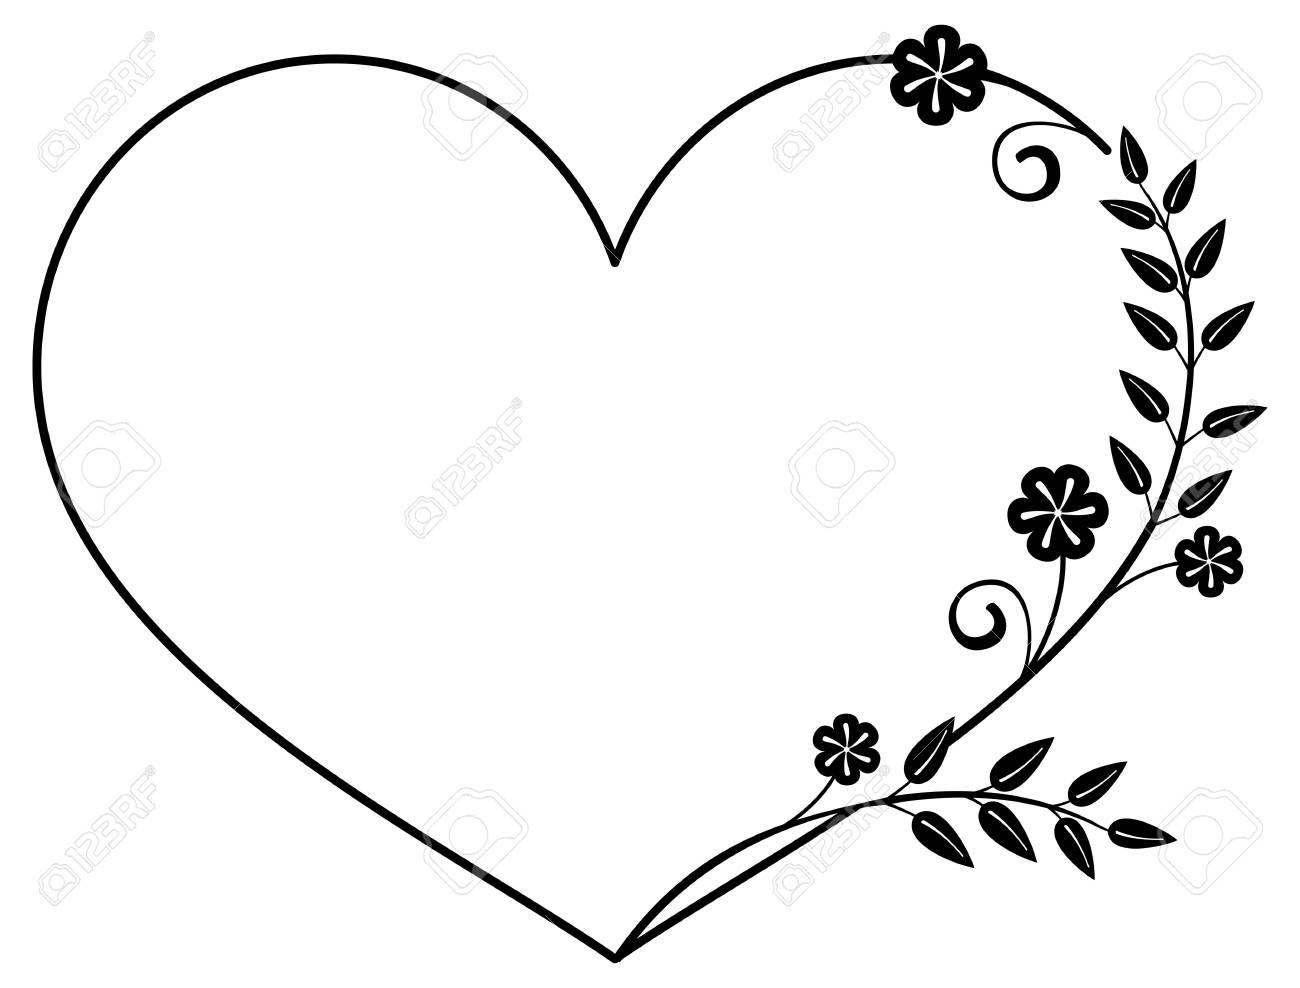 Corazón En Forma De Marco Blanco Y Negro Con Las Siluetas Florales